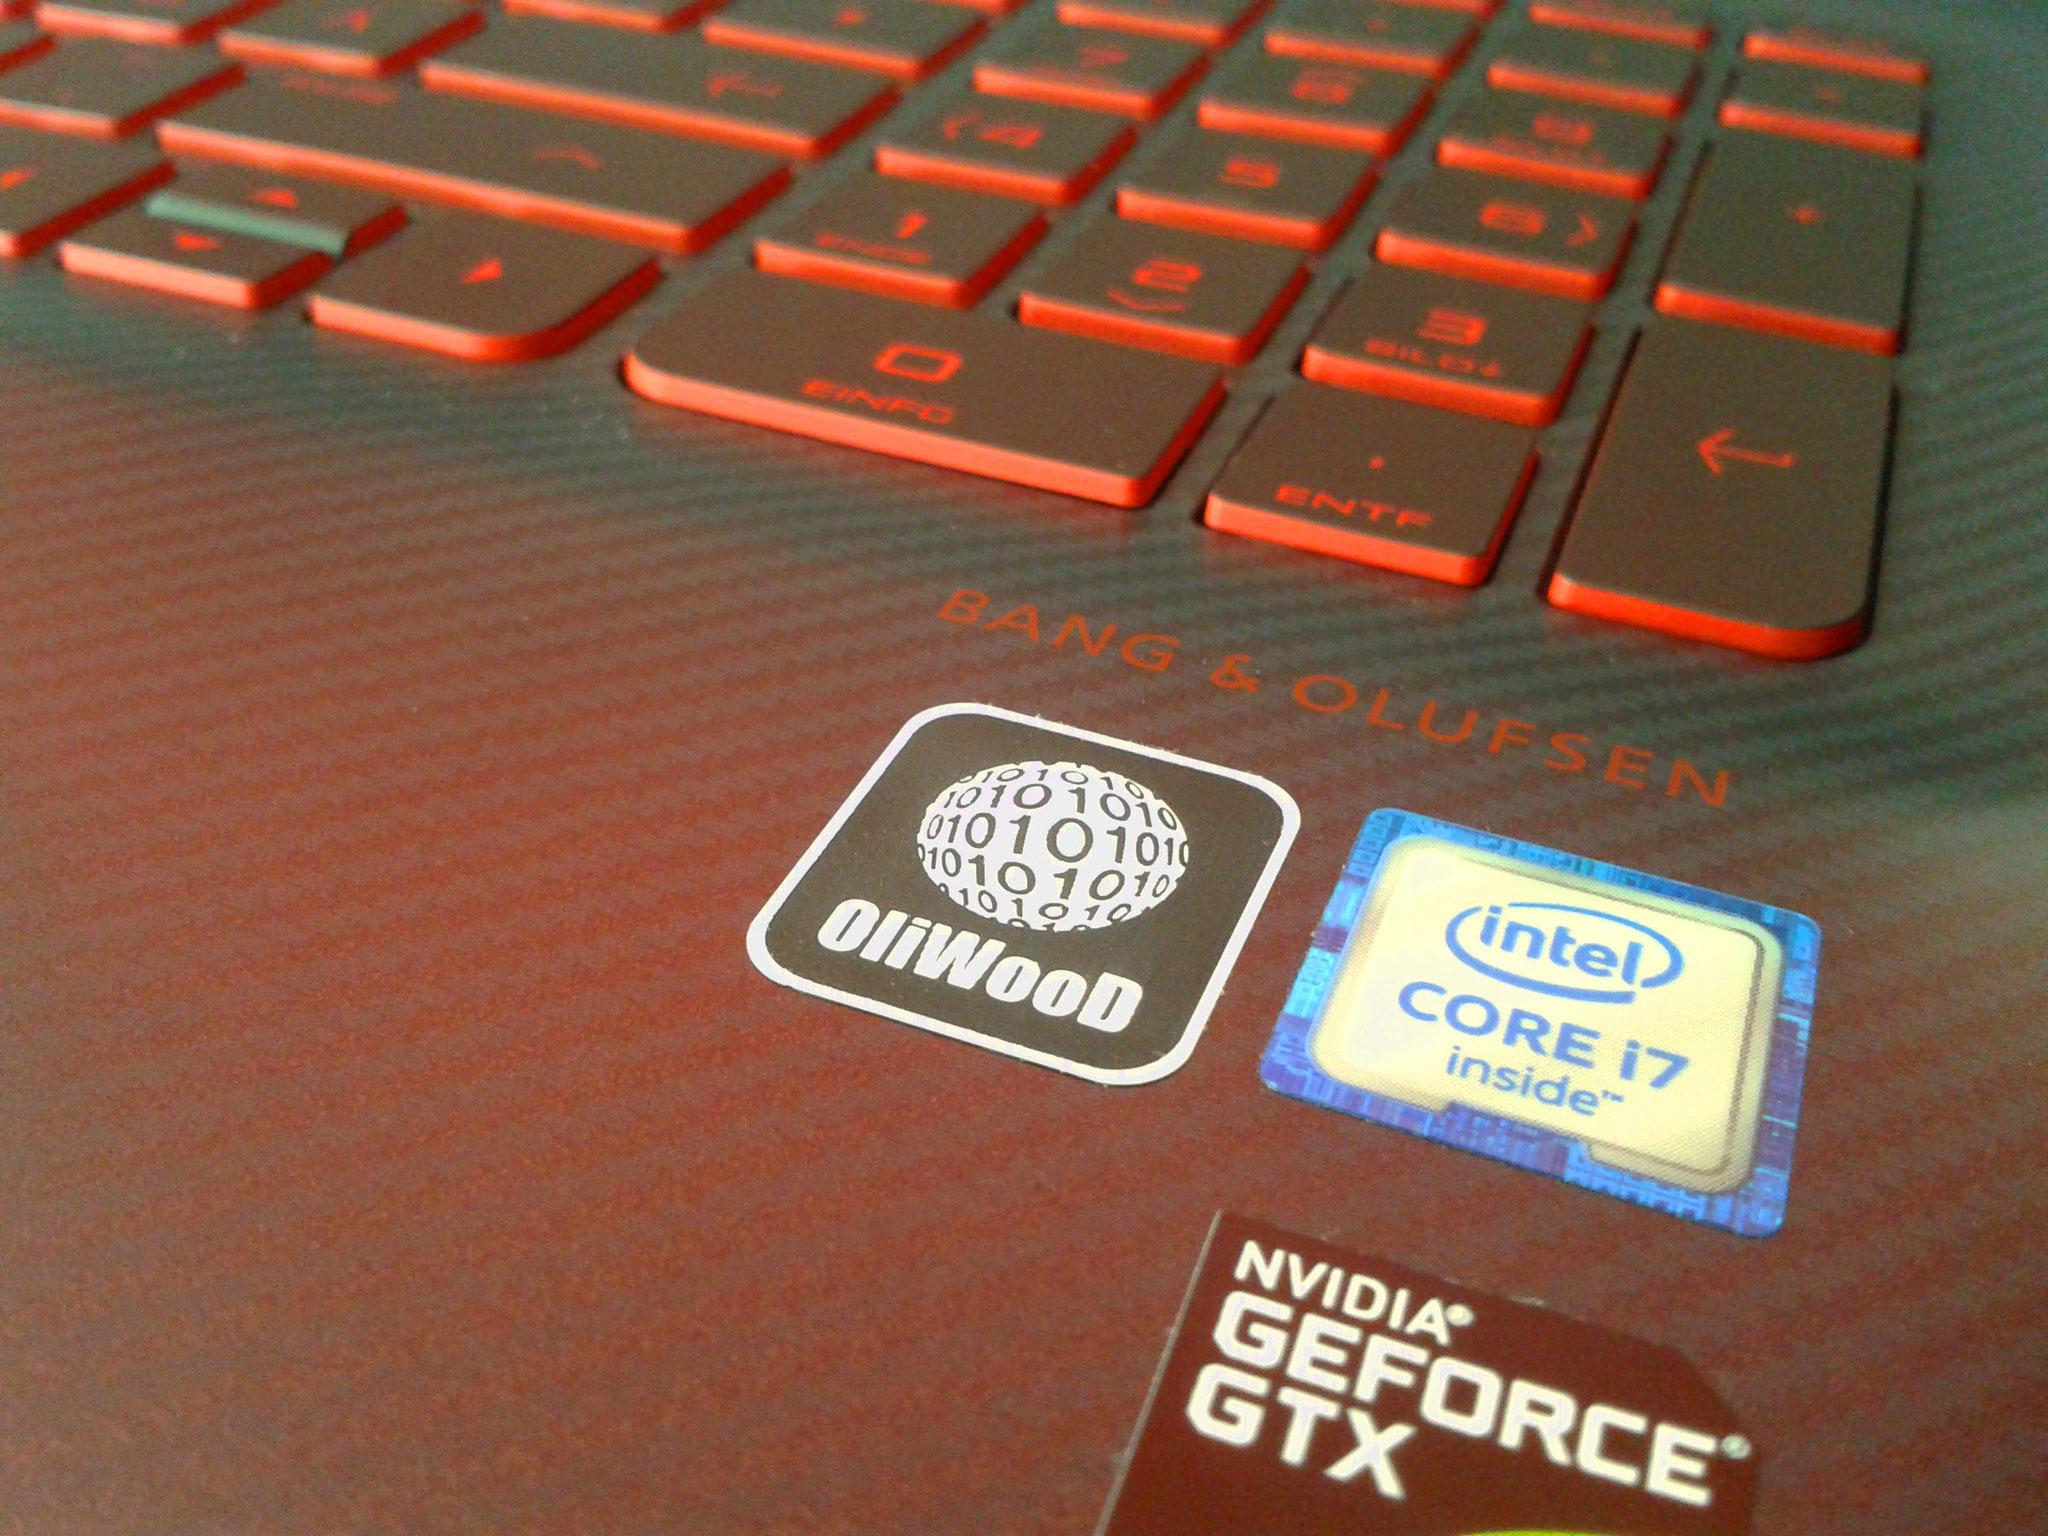 Frei konfiguriert nach Kundenwunsch. Xtreme Gamer Laptop mit extremer Leistung für aktuelle Games.